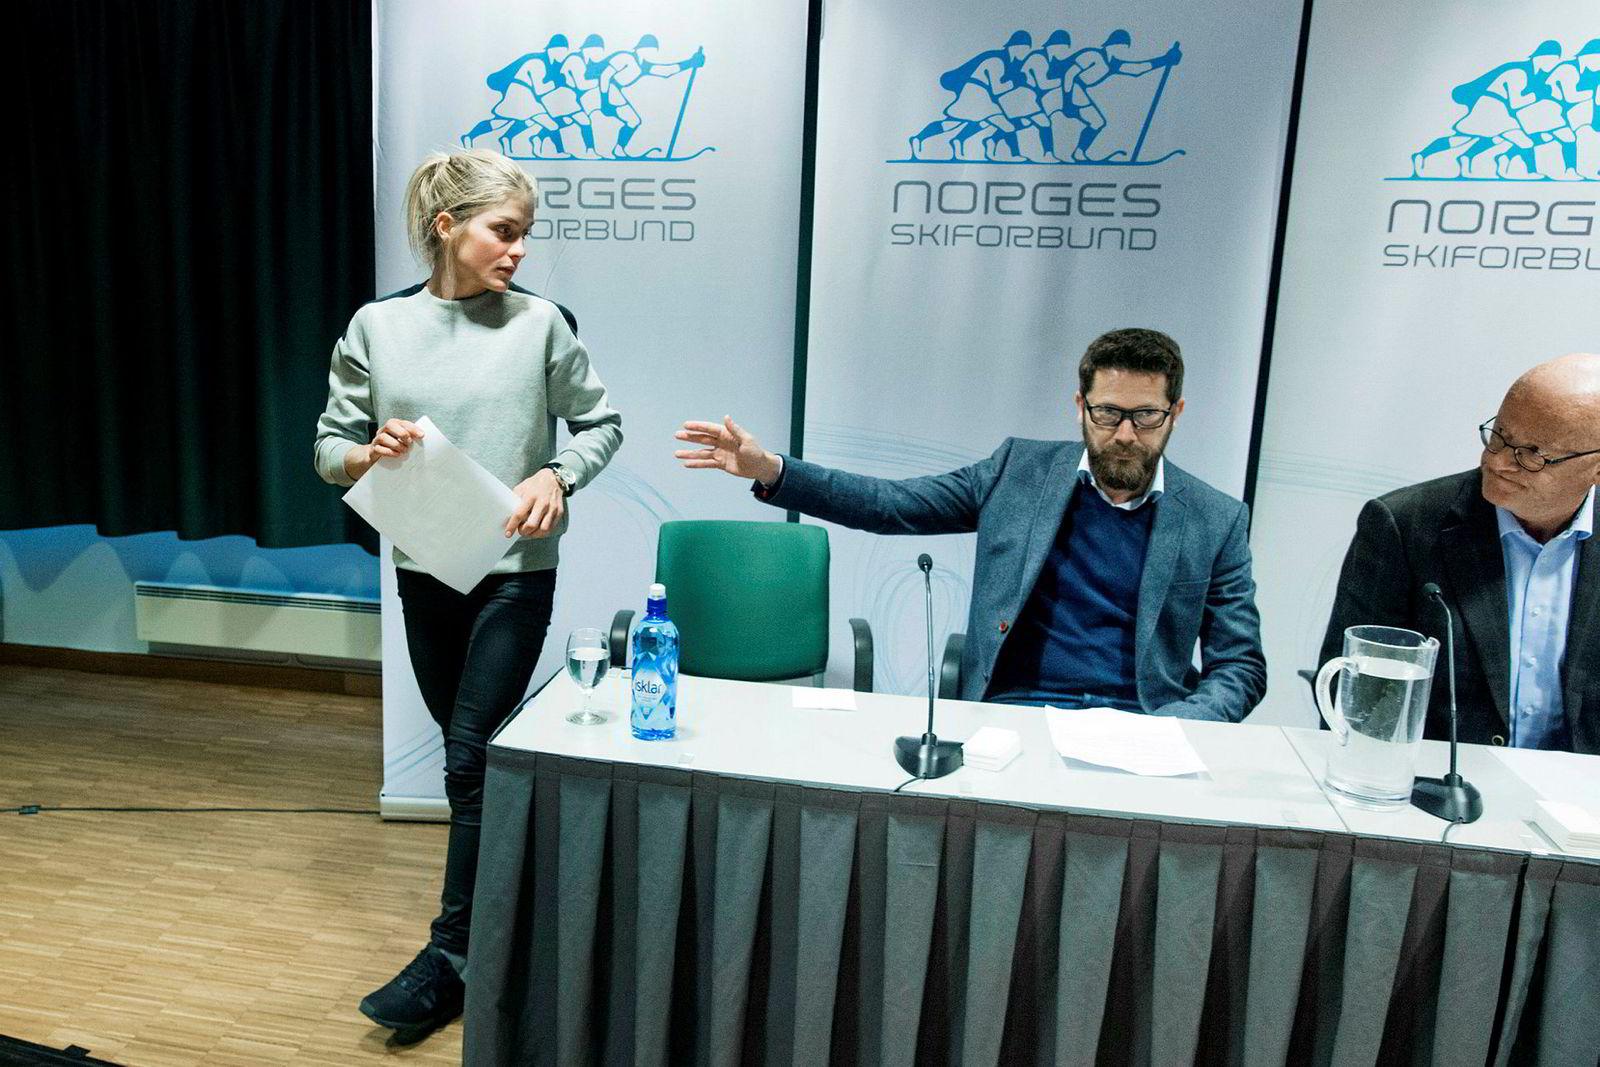 Therese Johaug rett etter pressekonferansen der den positive dopingprøven ble offentliggjort i oktober, på Ullevaal stadion. Her sammen med lege Fredrik Bendiksen (til høyre) og Norges Skiforbunds kommunikasjonssjef Espen Graff.